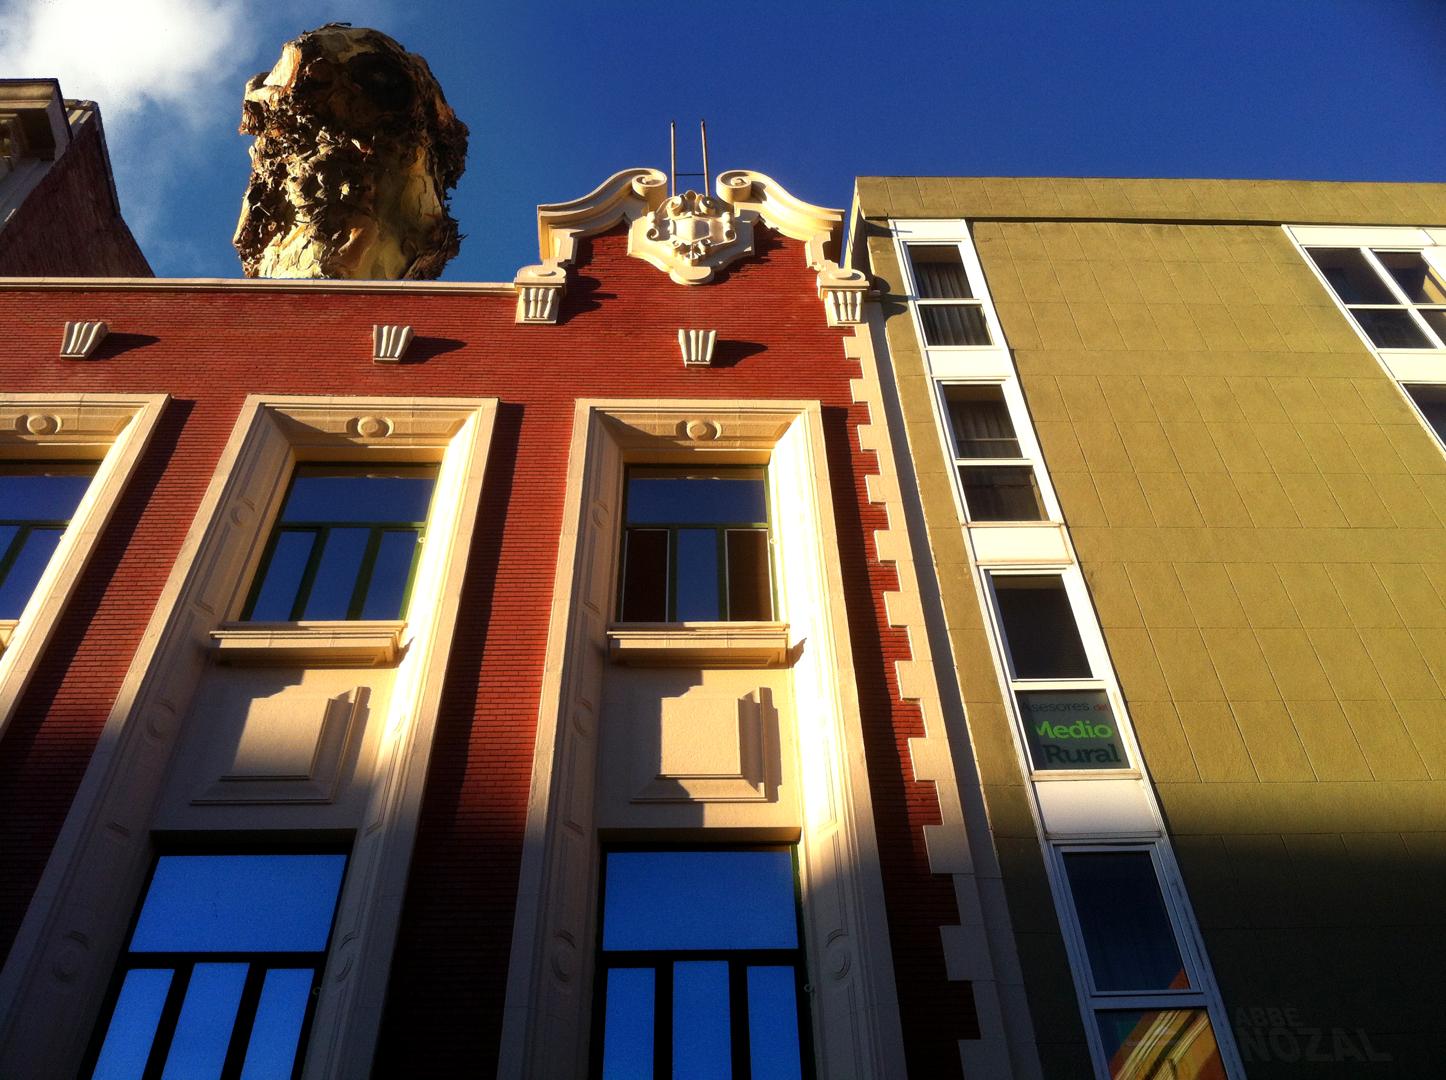 Nuevos entornos para la escultura urbana, 2014 Abbé Nozal